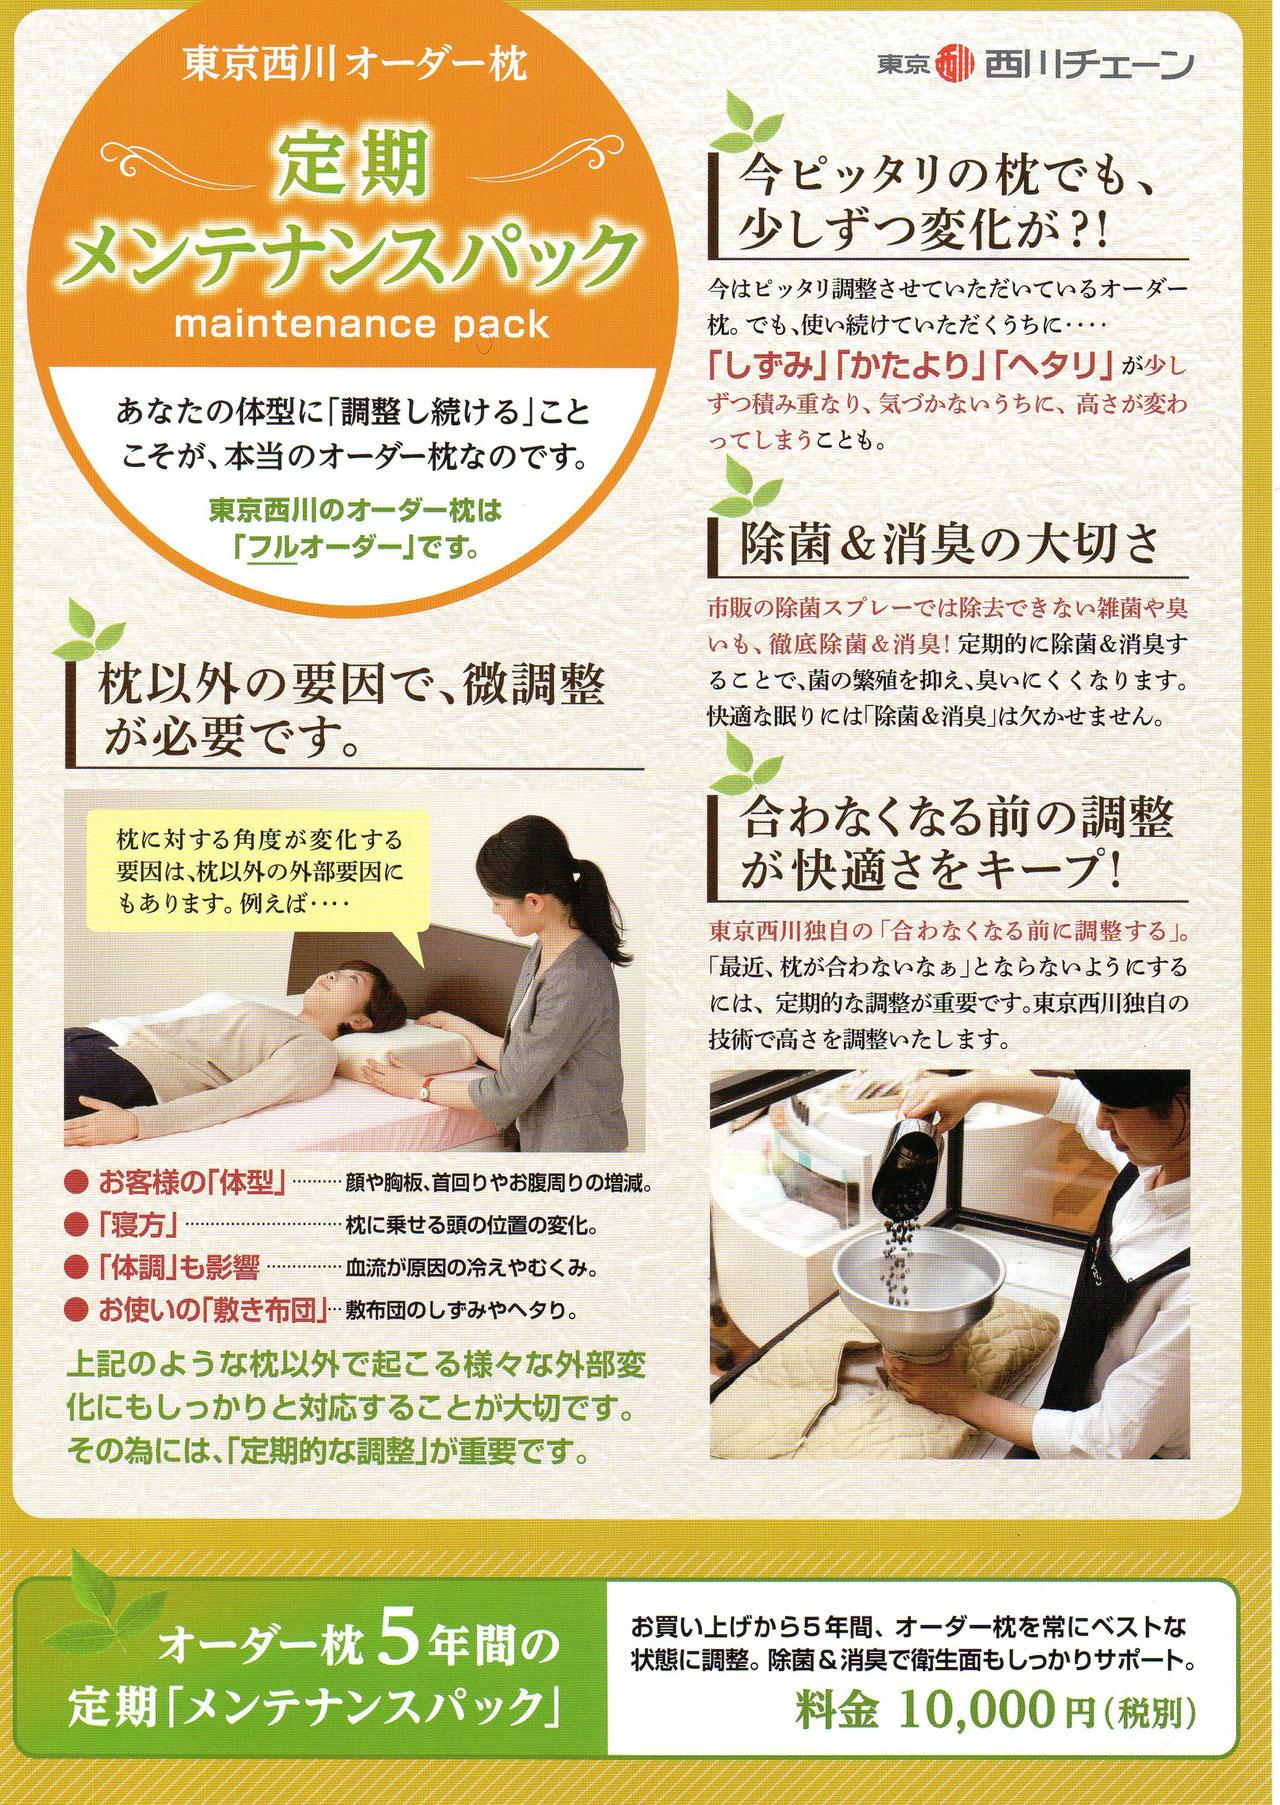 枕のメンテナンス